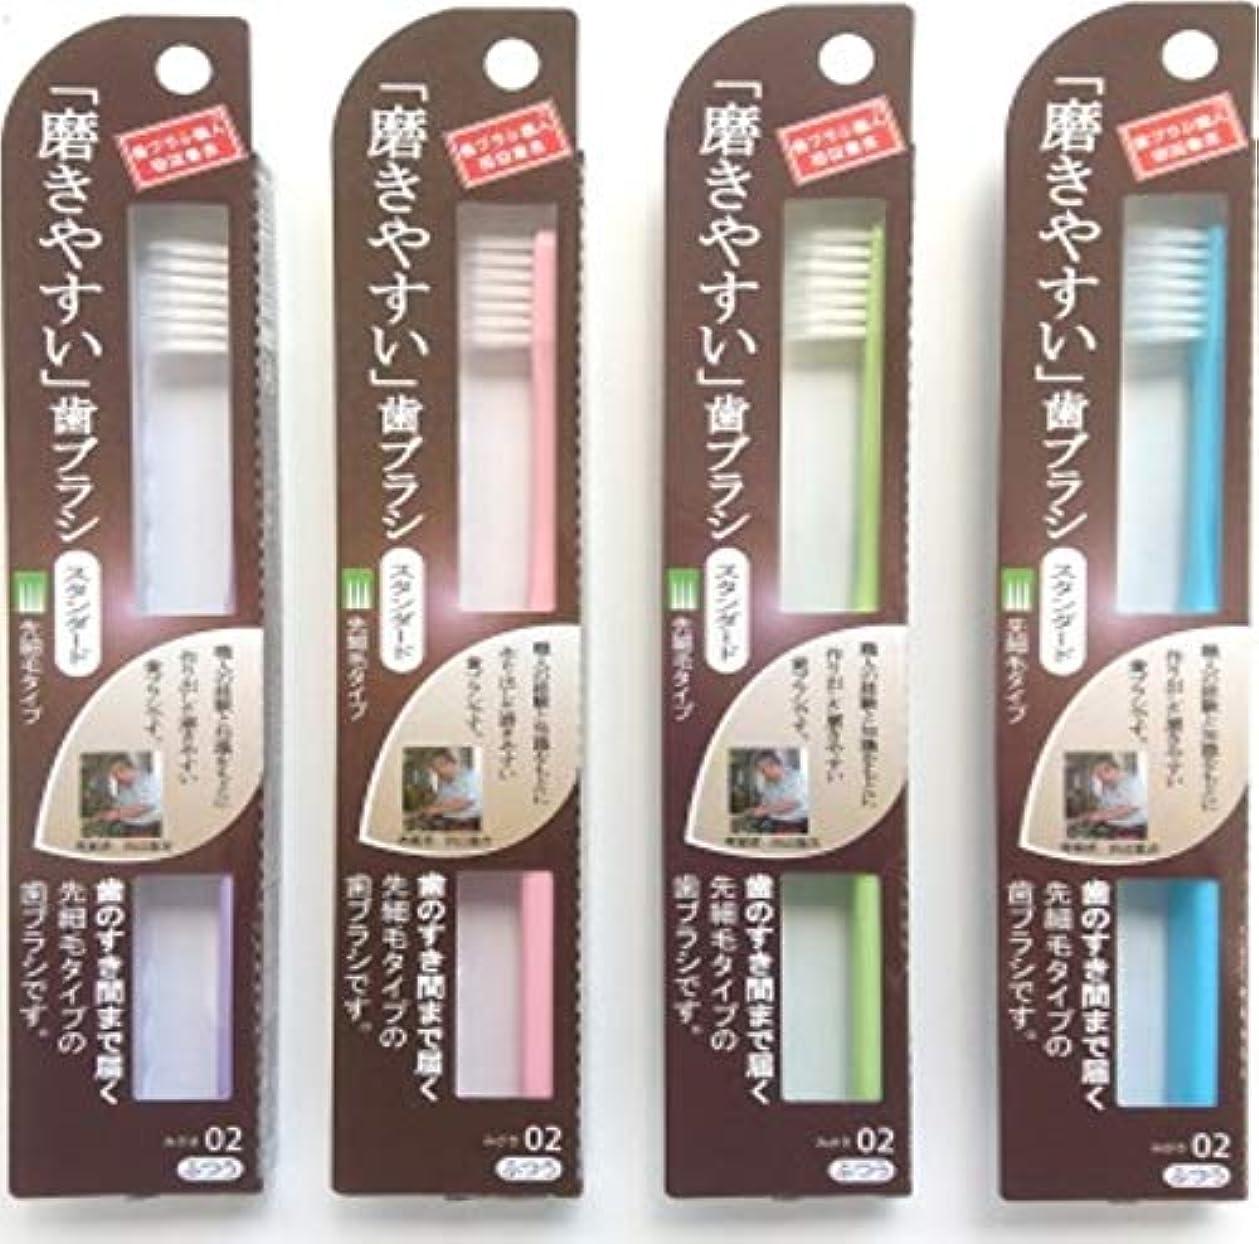 光血虎磨きやすい歯ブラシ(奥歯まで) (LT02) (36本)